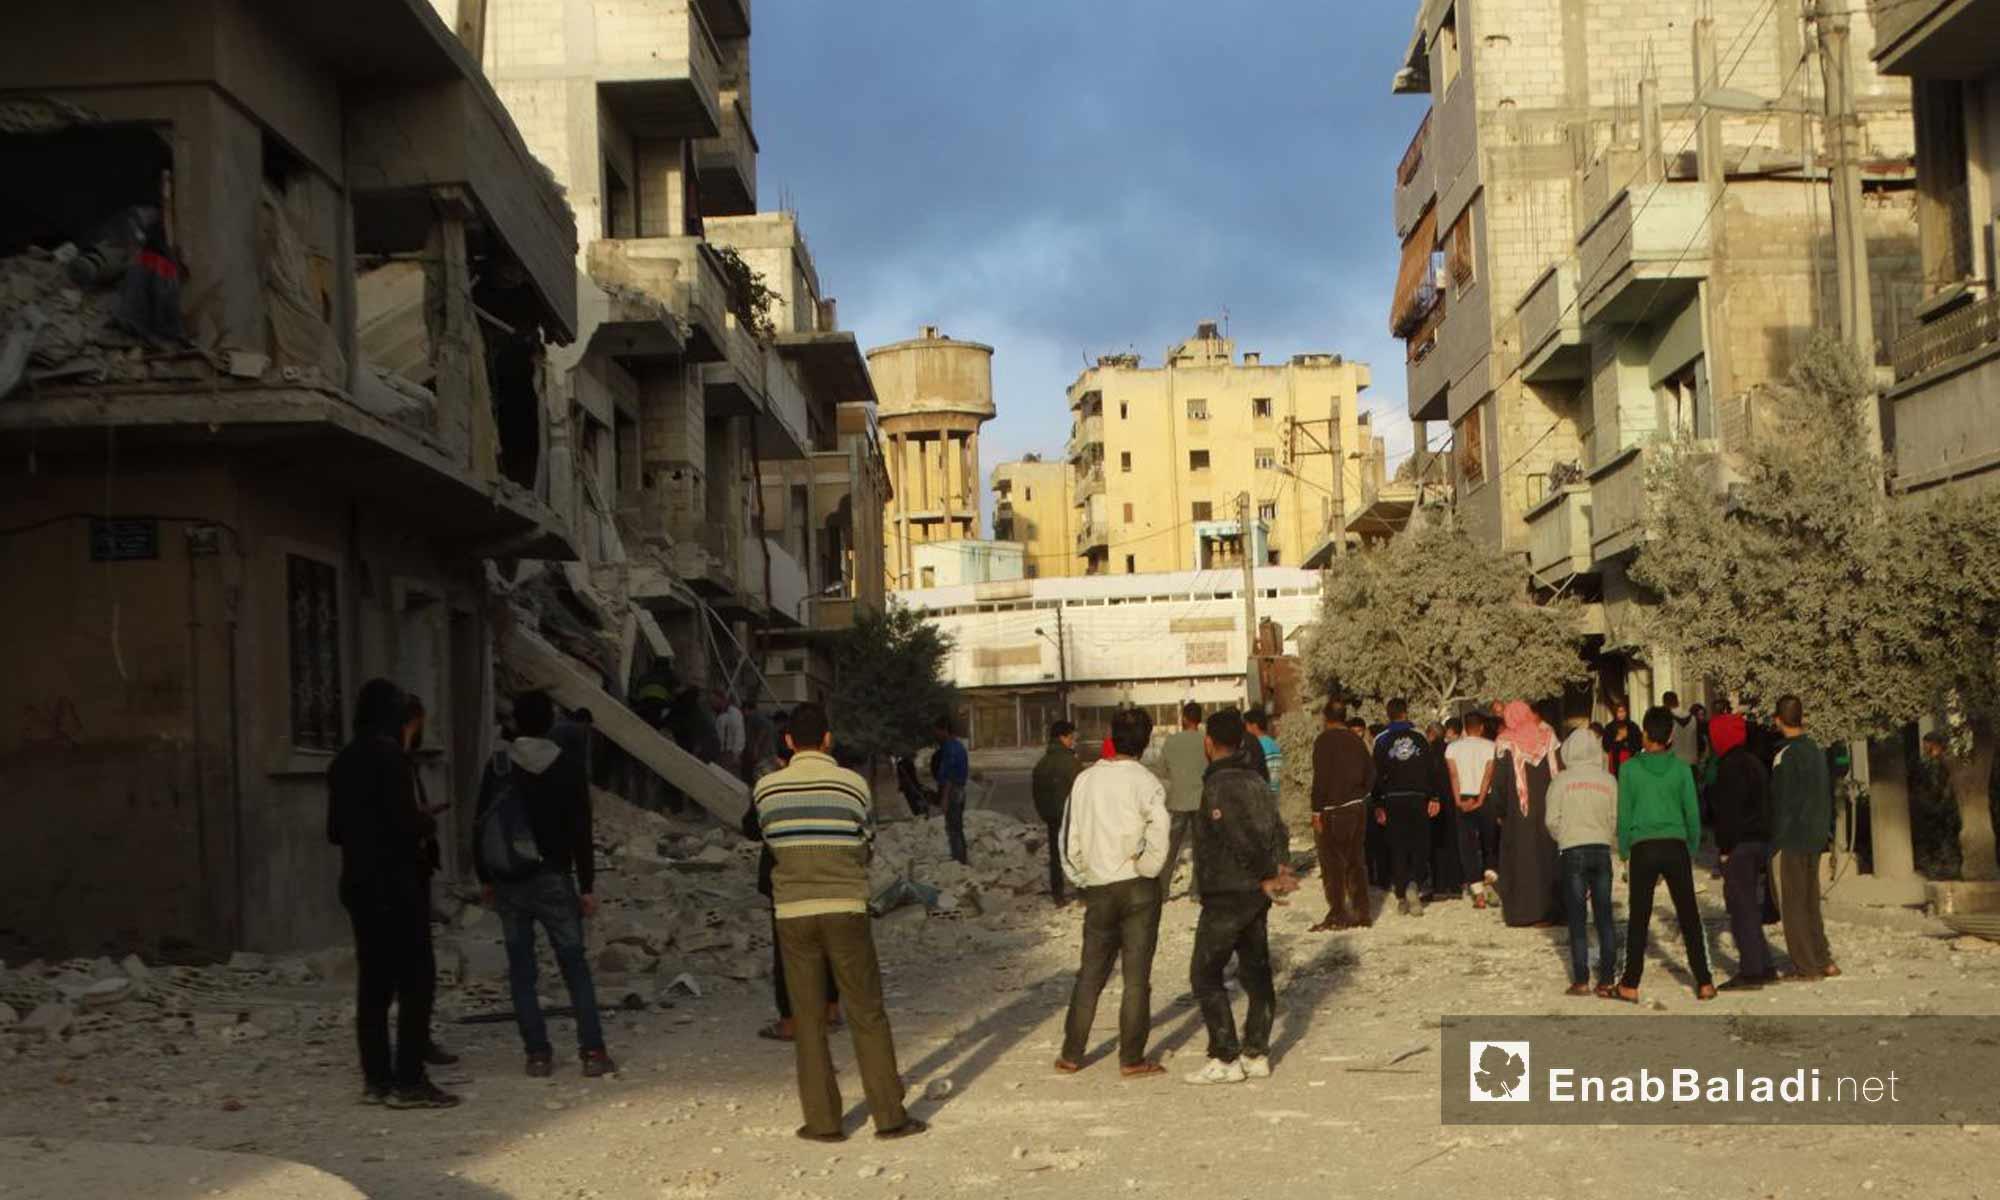 الأهالي في شوارع حي الوعر بين الدمار بعد قصفه من قبل قوات الأسد- 16 تشرين الثاني 2016 (عنب بلدي)